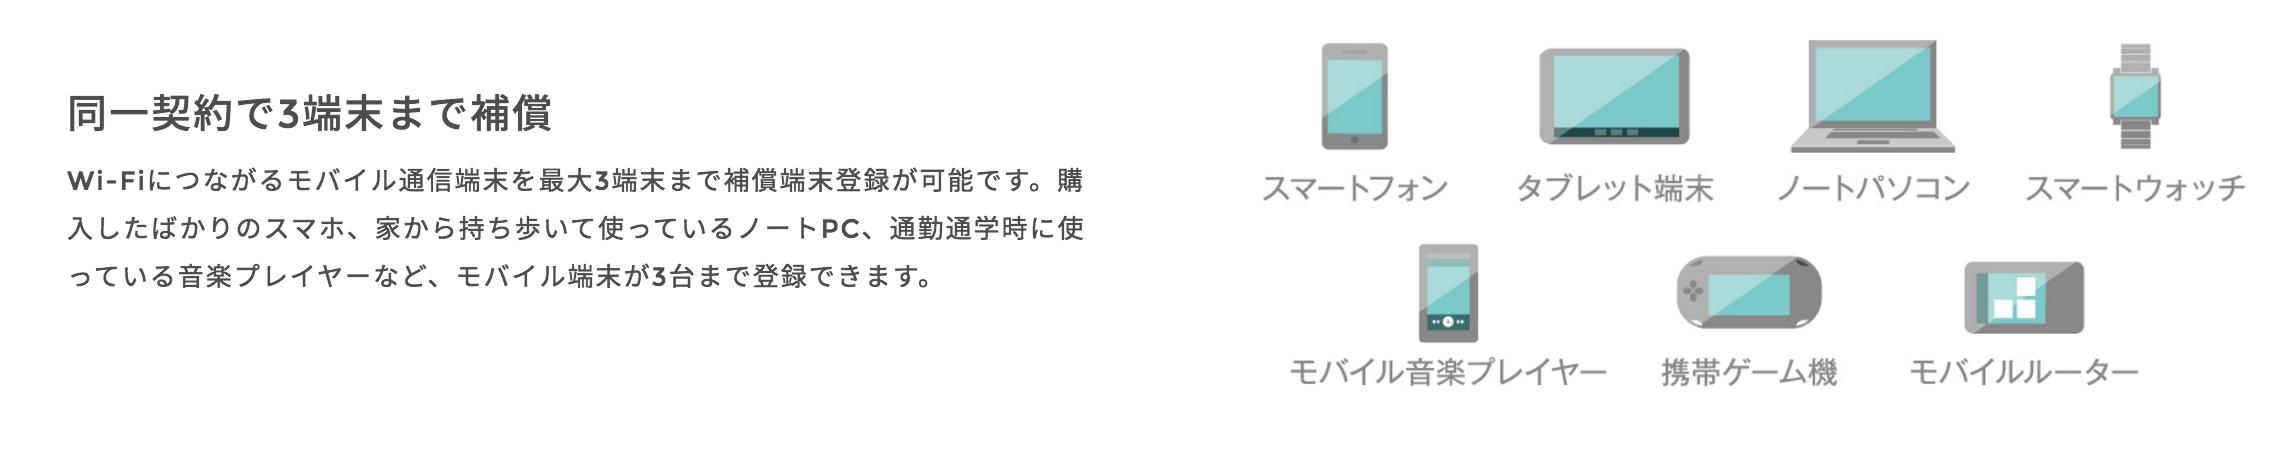 スクリーンショット 2016-05-24 18.21.59